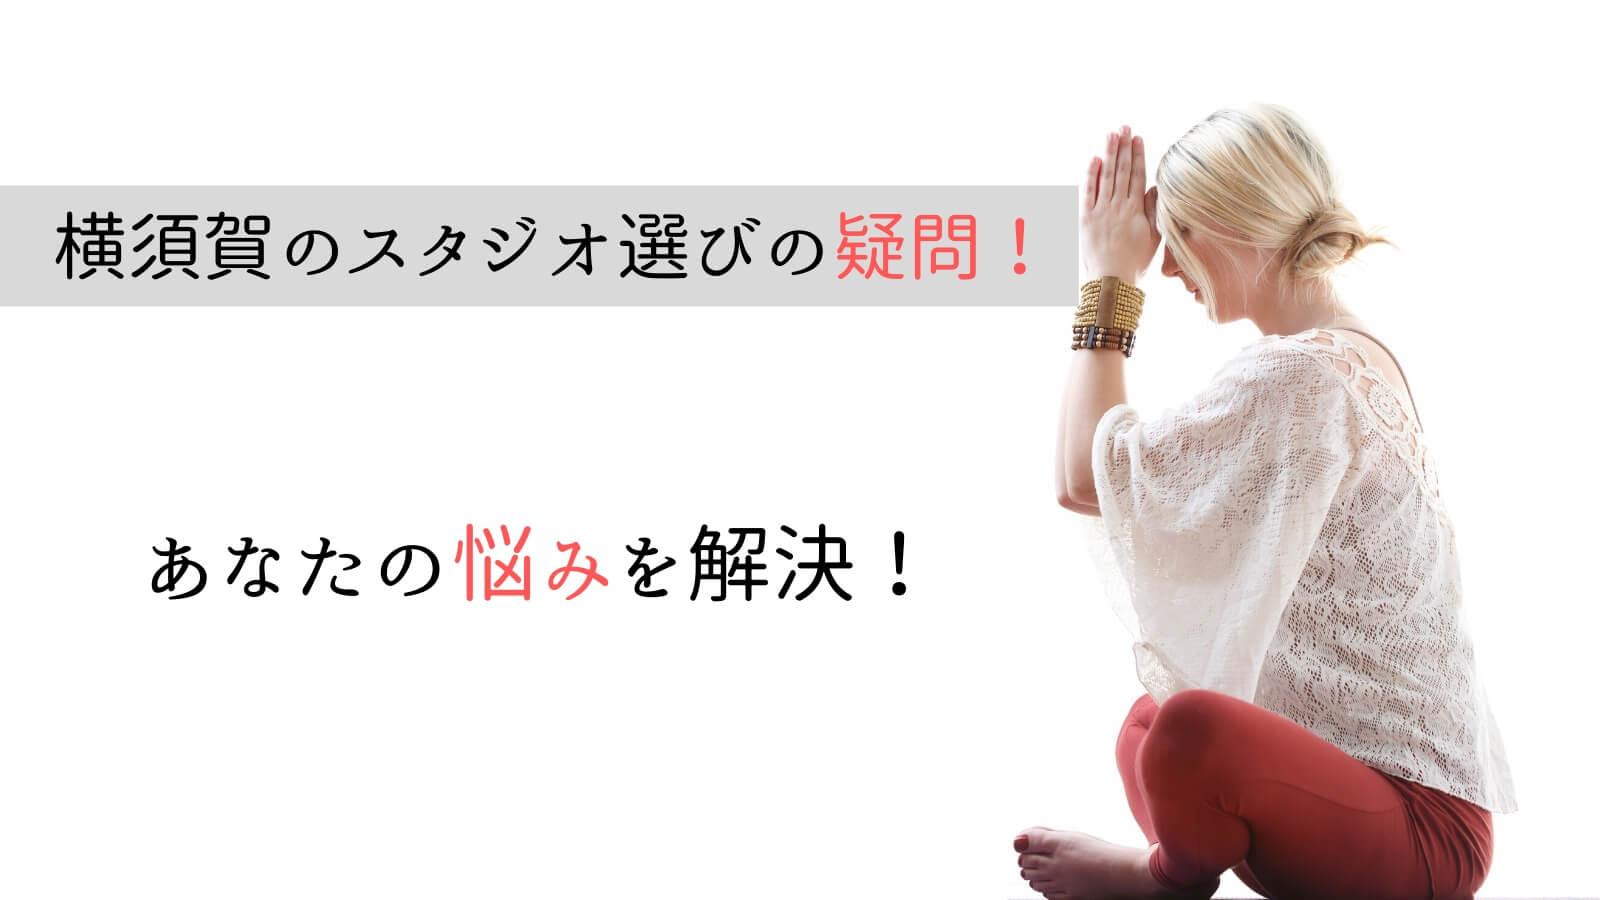 横須賀でのヨガ・ホットヨガスタジオ選びに関するQ&A